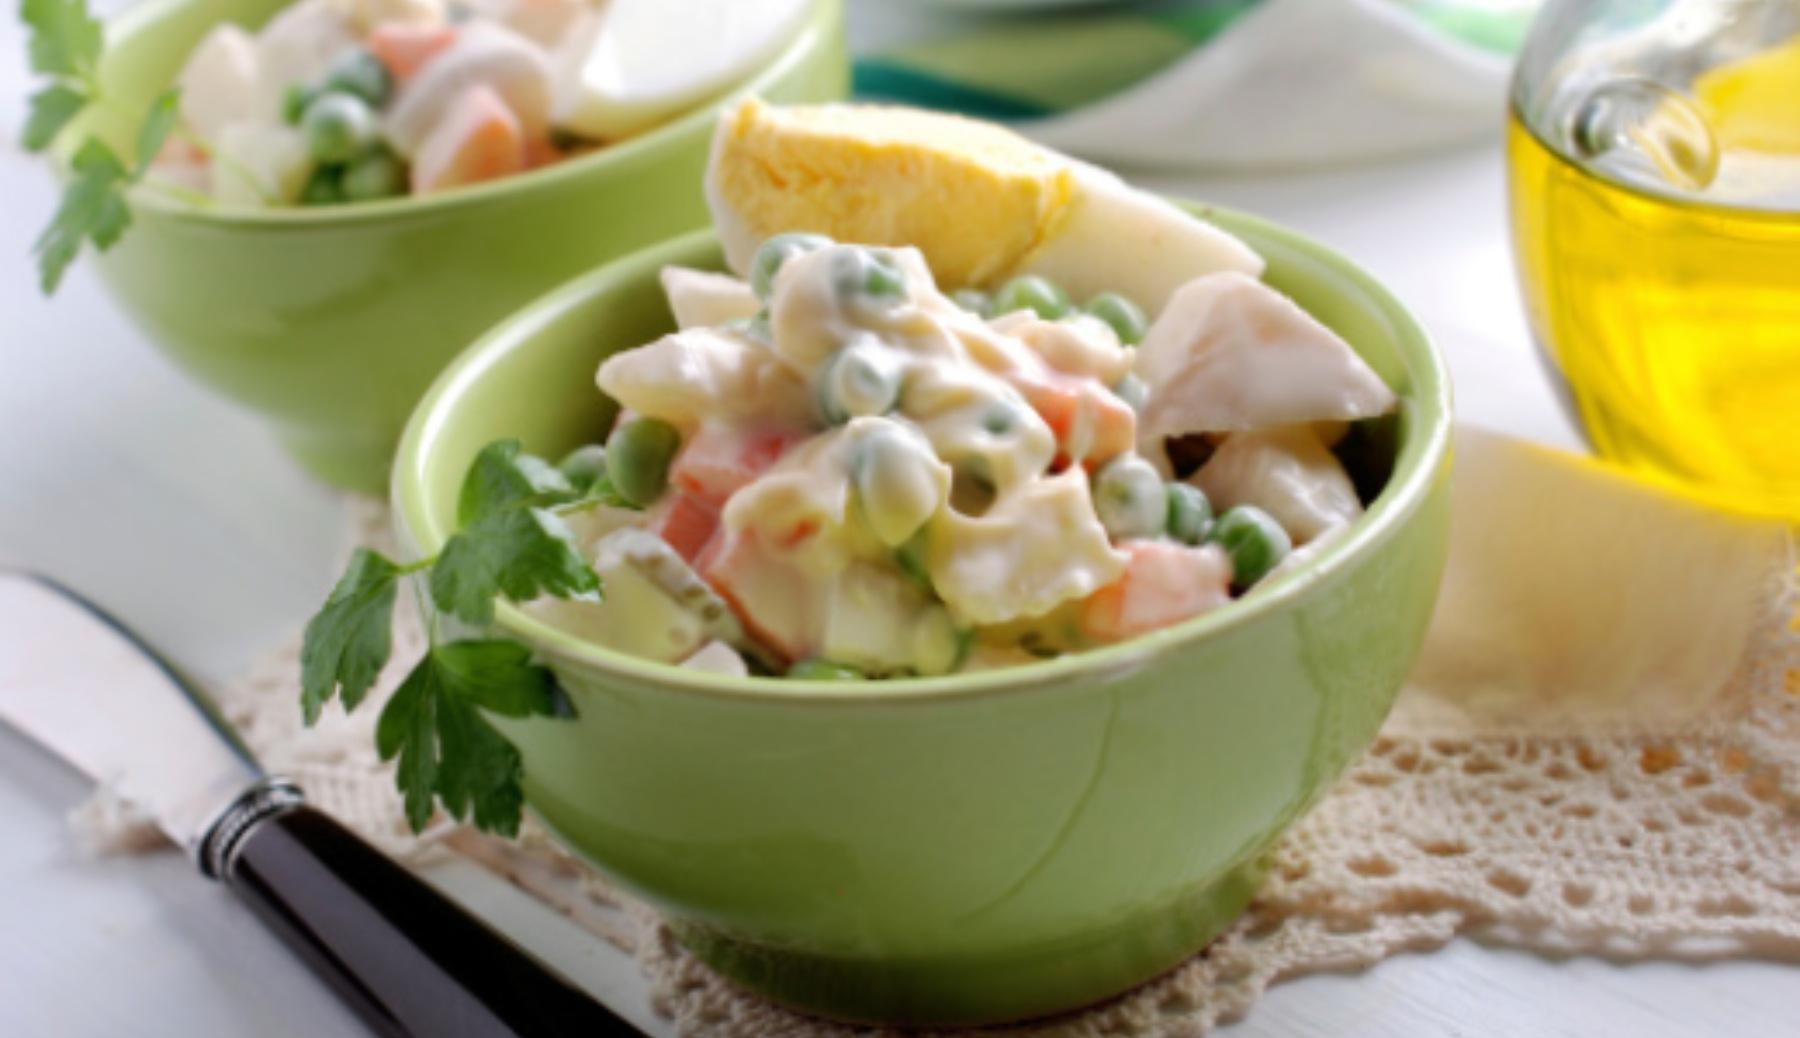 Ensaladilla de marisco y fruta, la receta más refrescante y saludable del verano